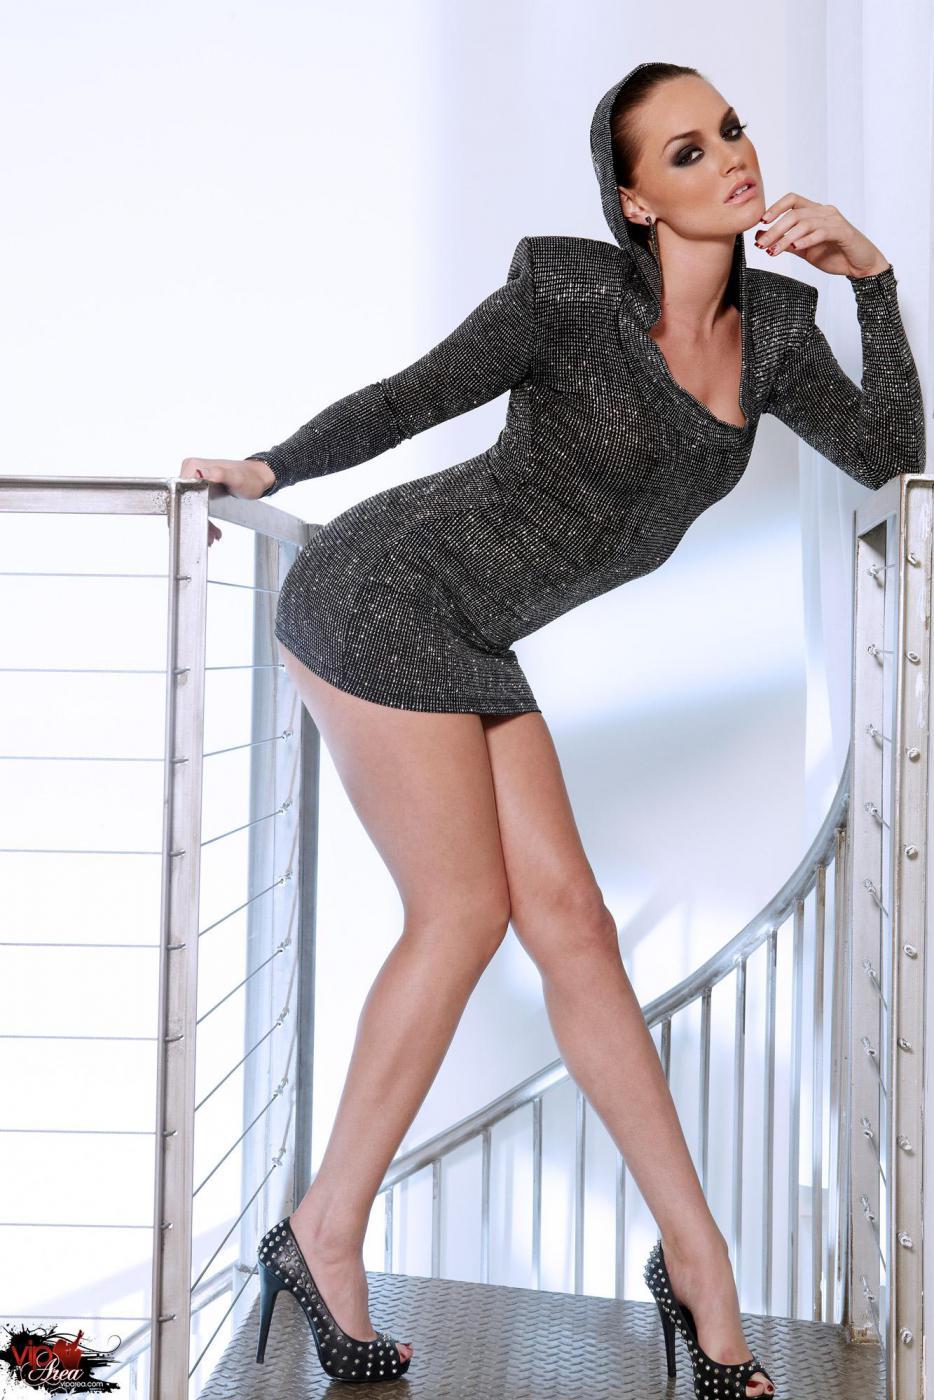 Сексуальная брюнетка в обтягивающем платье Tori Black светит свою грудь и шелковую письку